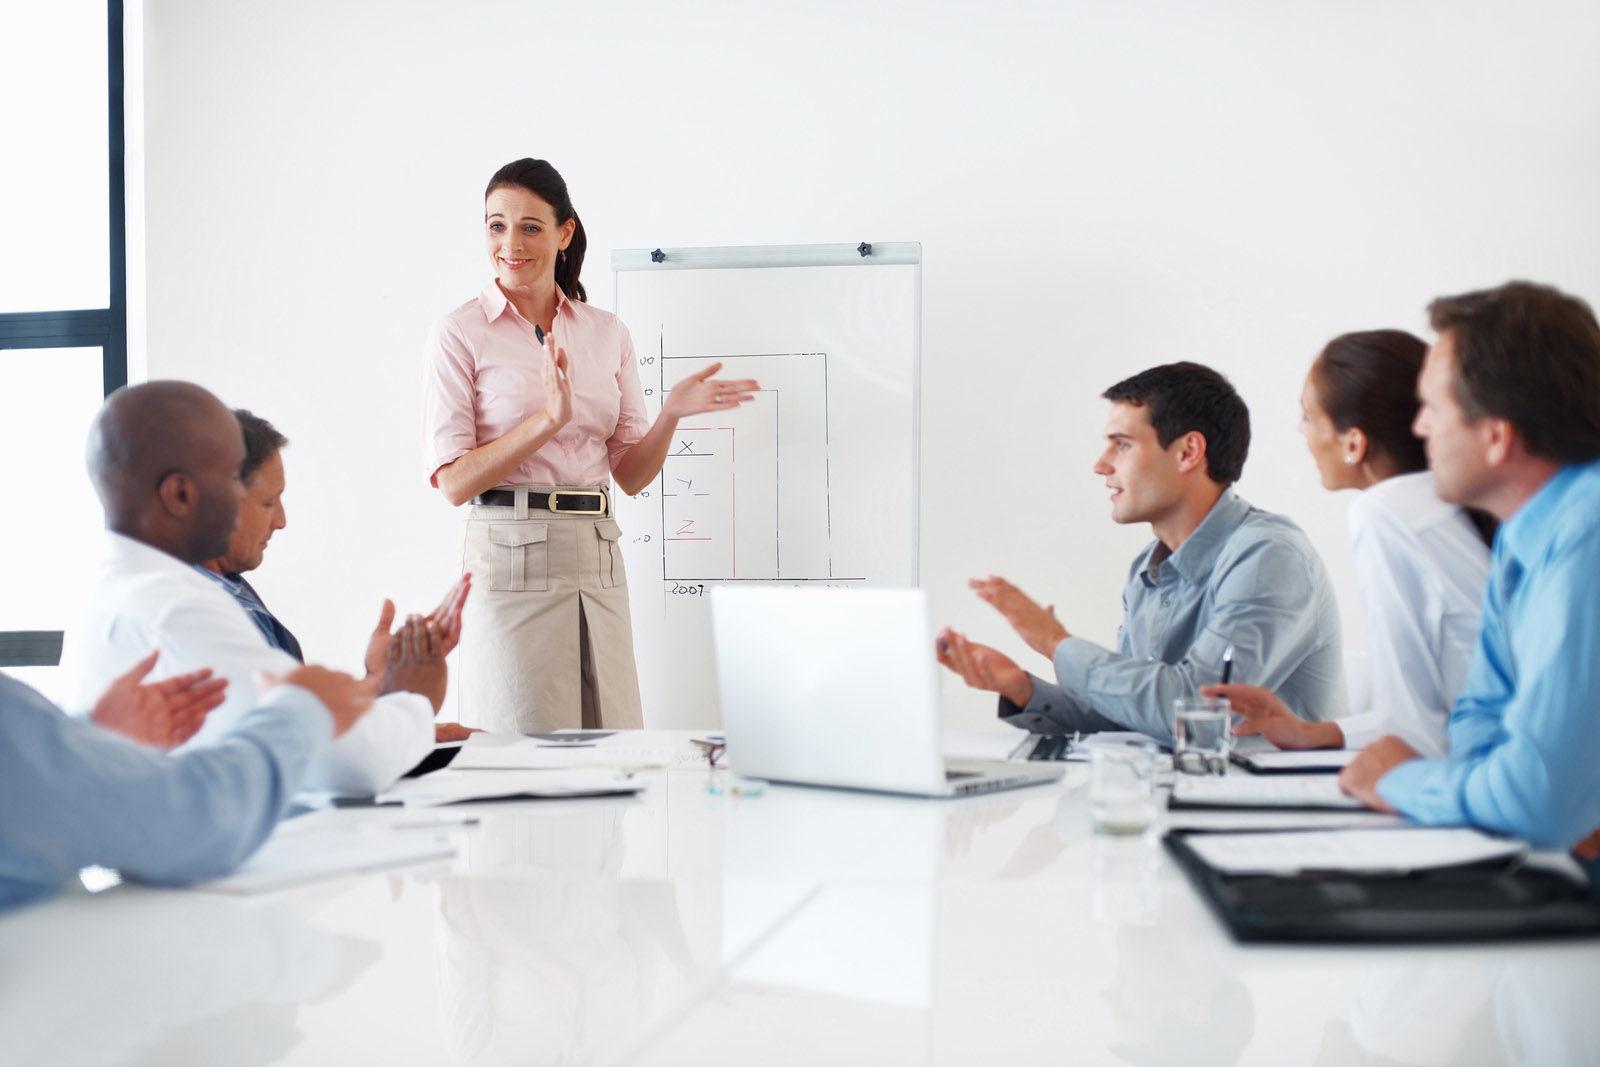 Khả năng thuyết trình sẽ được cải thiện nếu luyệ tập nhiều